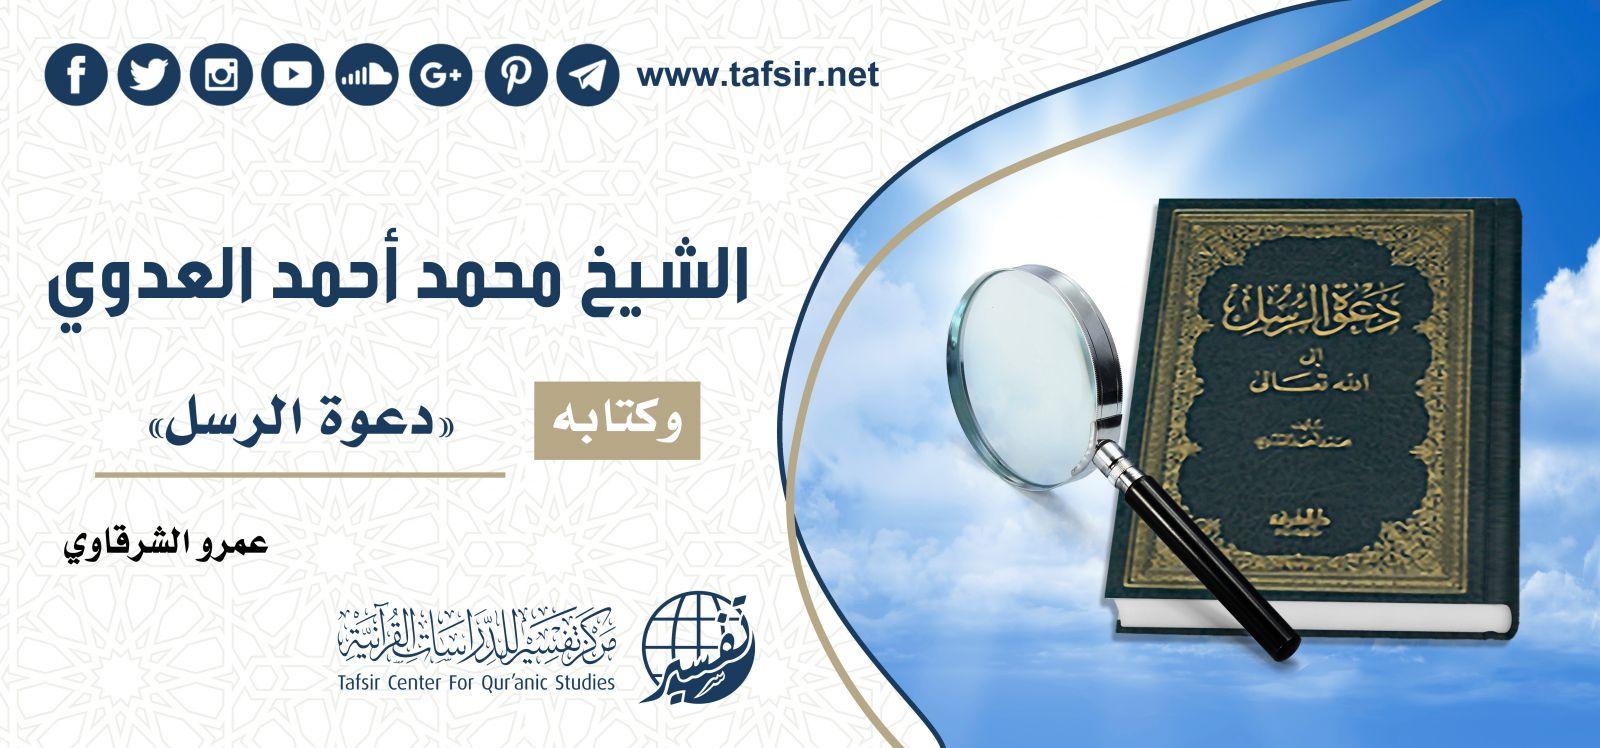 الشيخ محمد أحمد العدوي وكتابه «دعوة الرسل»